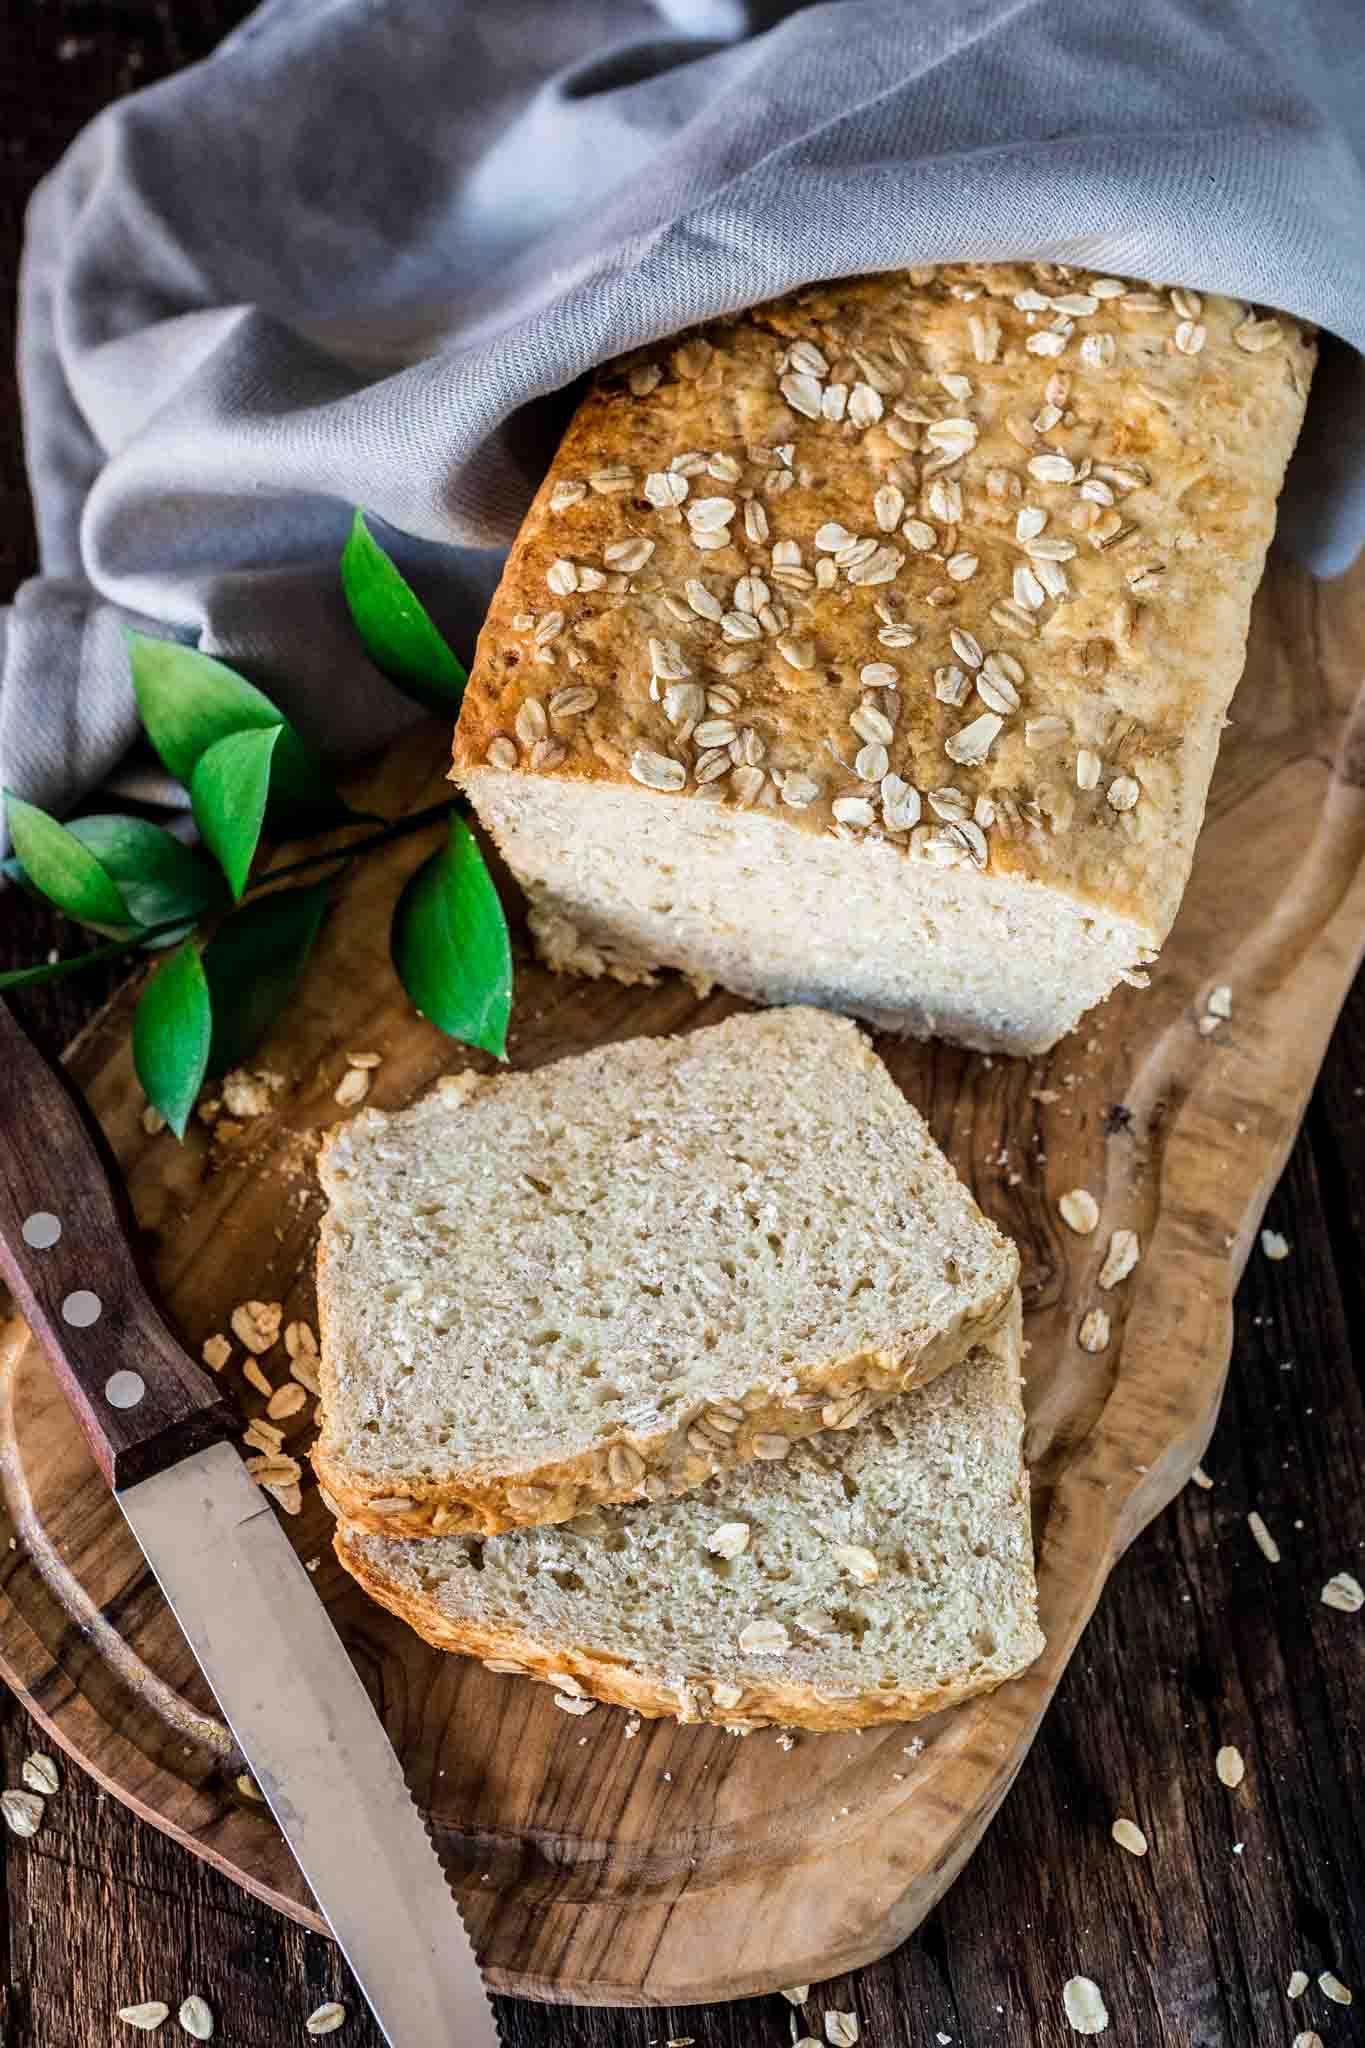 ¡Hornea tu propio pan! Una receta de pan de Avena Quaker® y miel para disfrutar con tus seres queridos